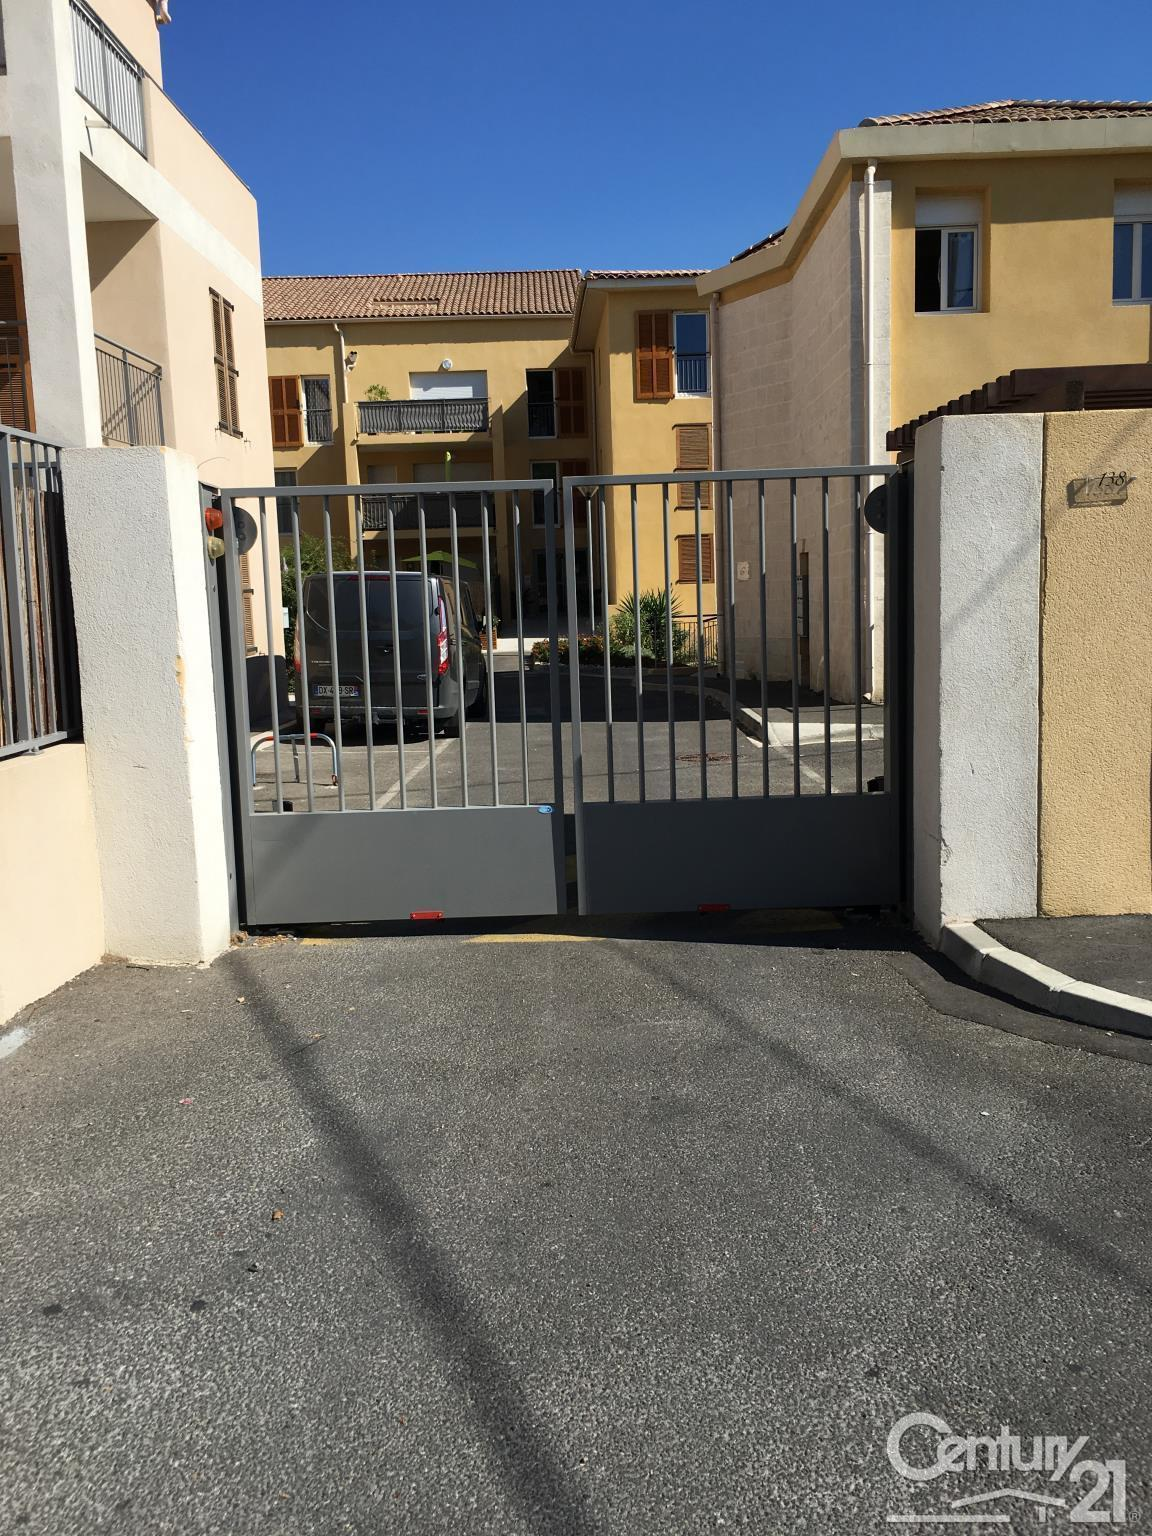 Century 21 le pays salonais parking garage 15 m salon de provence 13 louer 202 2889 13243 - Location garage salon de provence ...